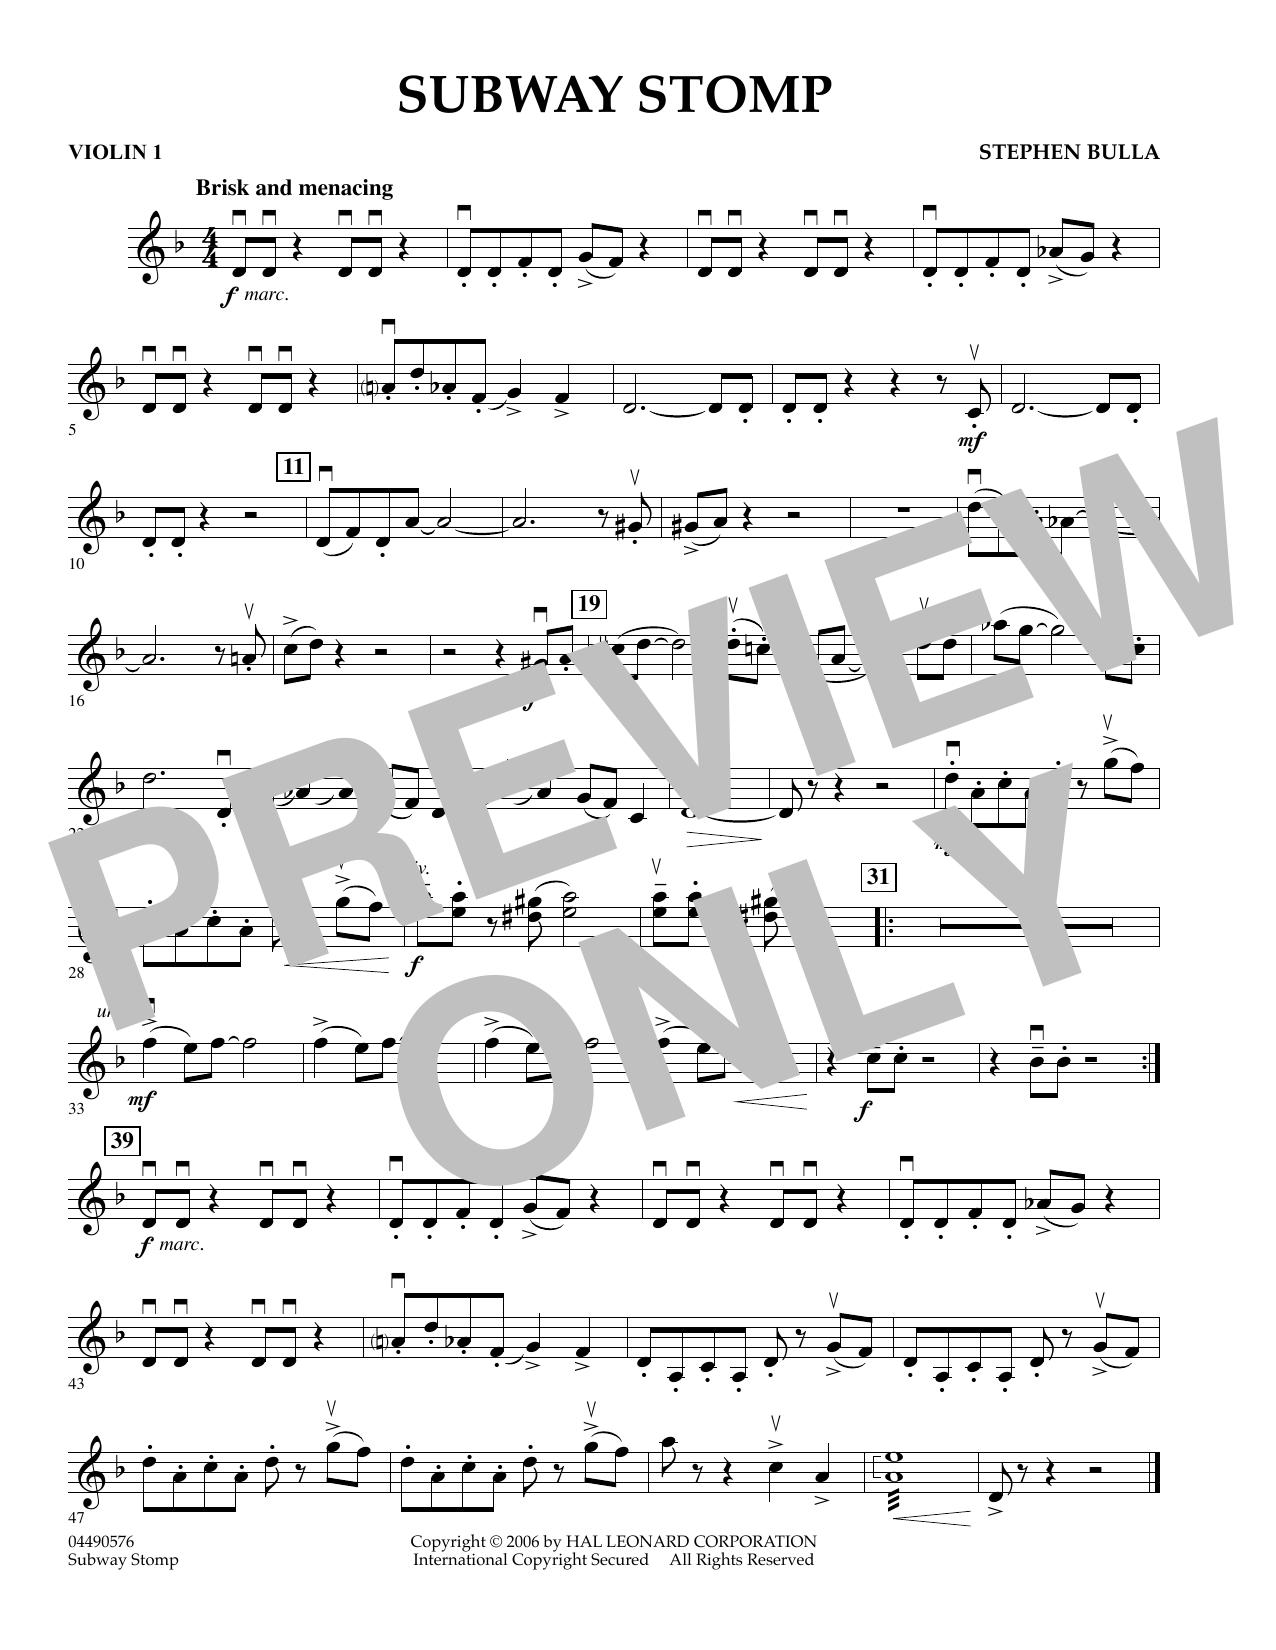 Subway Stomp - Violin 1 (Orchestra)